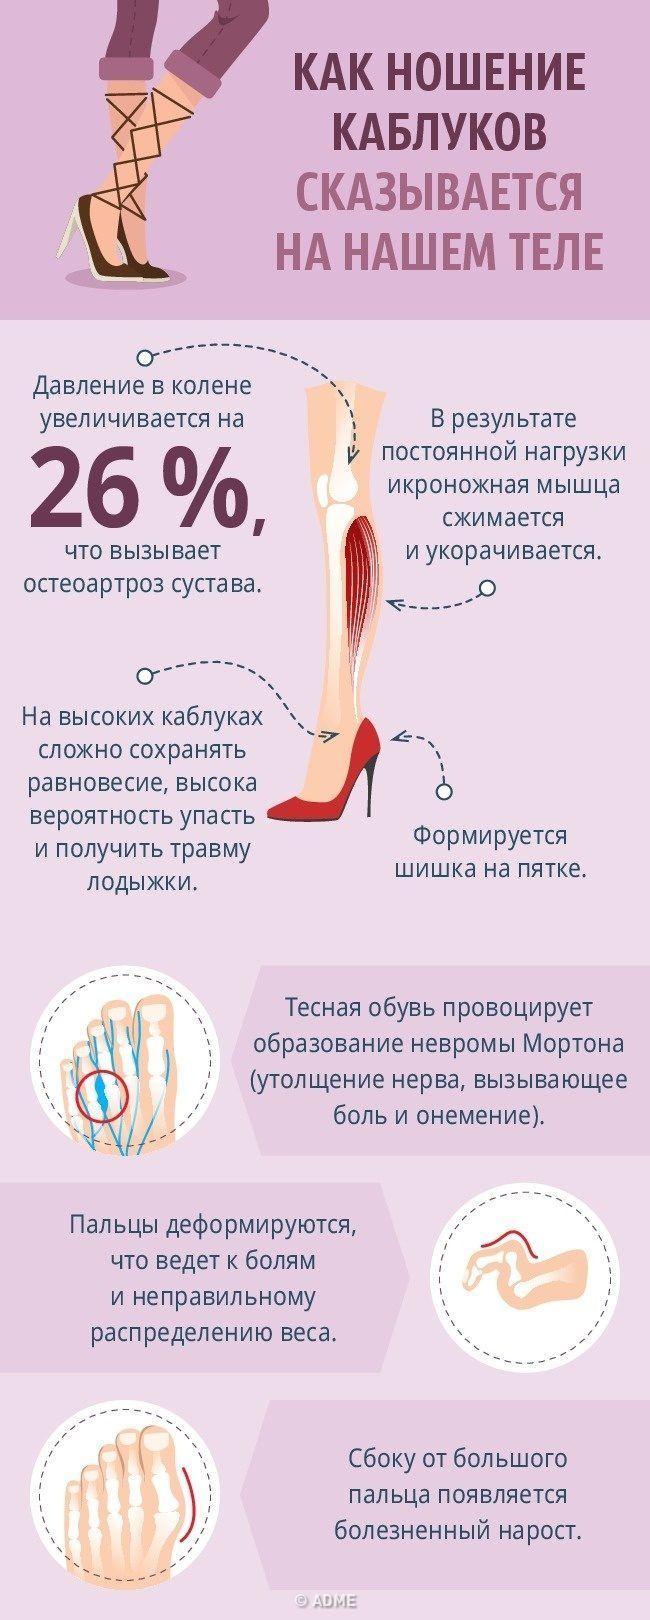 Как носить обувь на каблуках без вреда для здоровья / Все для женщины